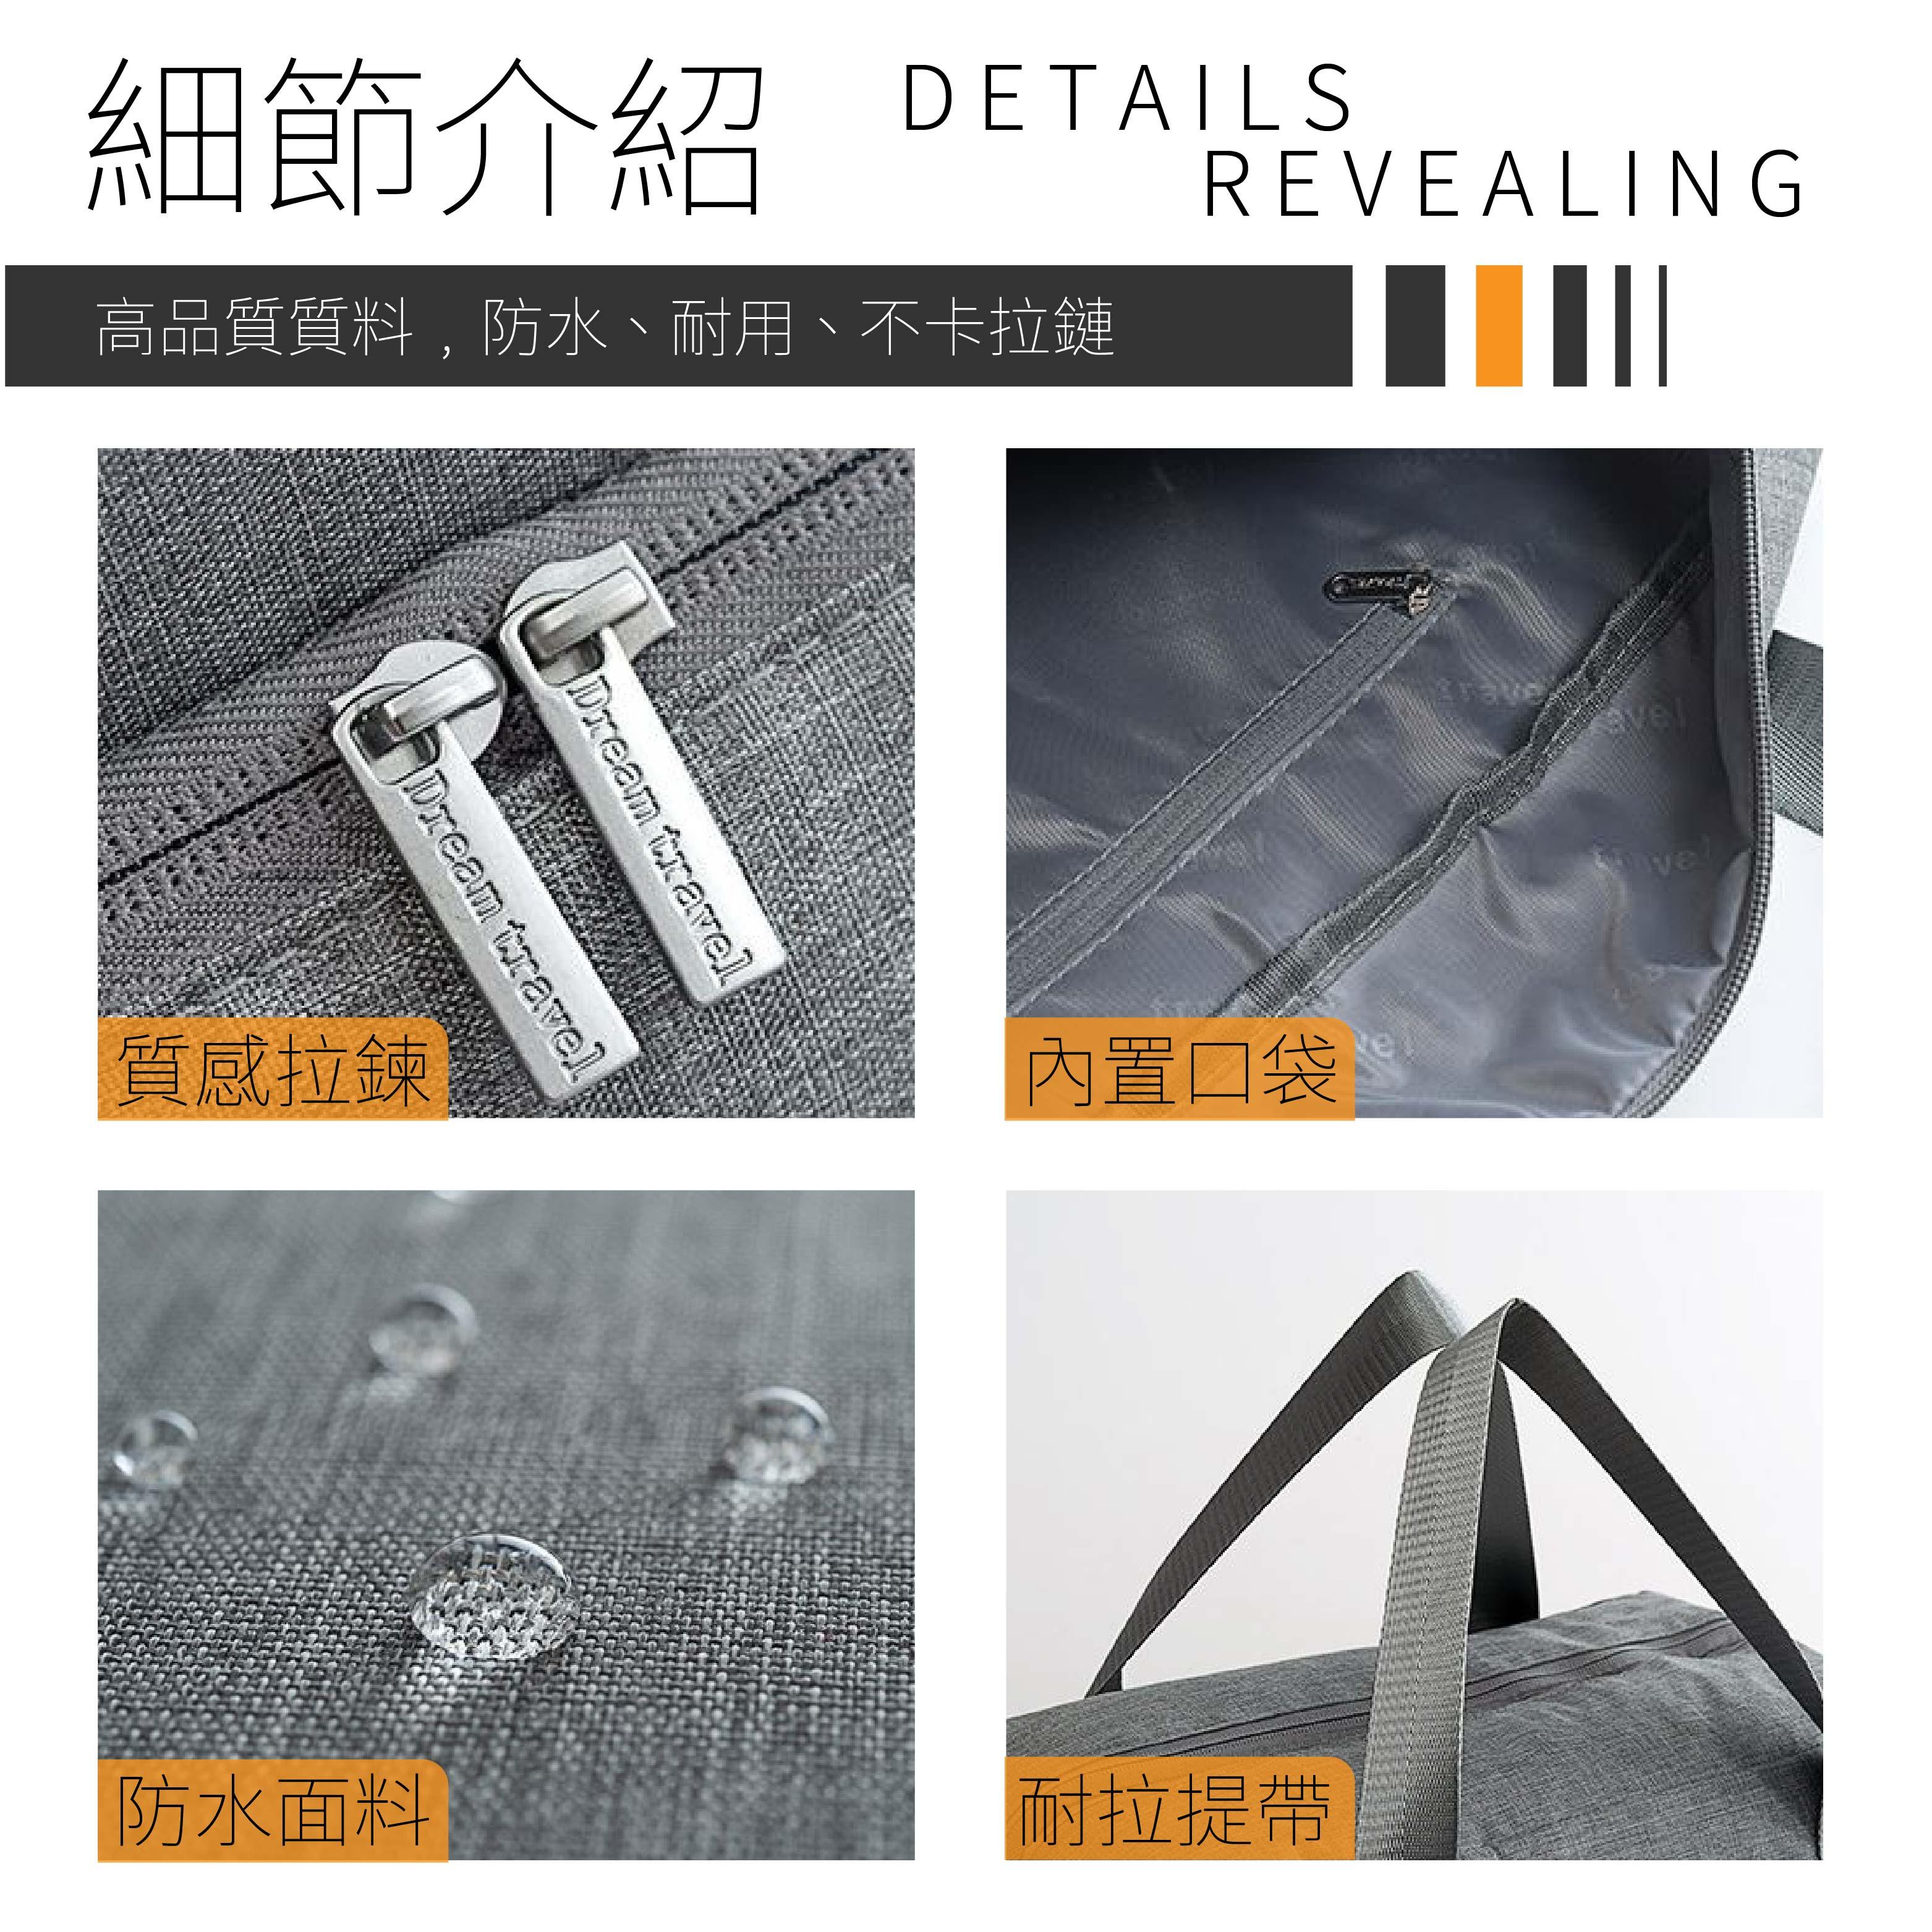 『現貨』乾溼分離收納包 運動包 游泳包 乾濕分離收納包 鞋包 收納包 防水袋【BE435】 3